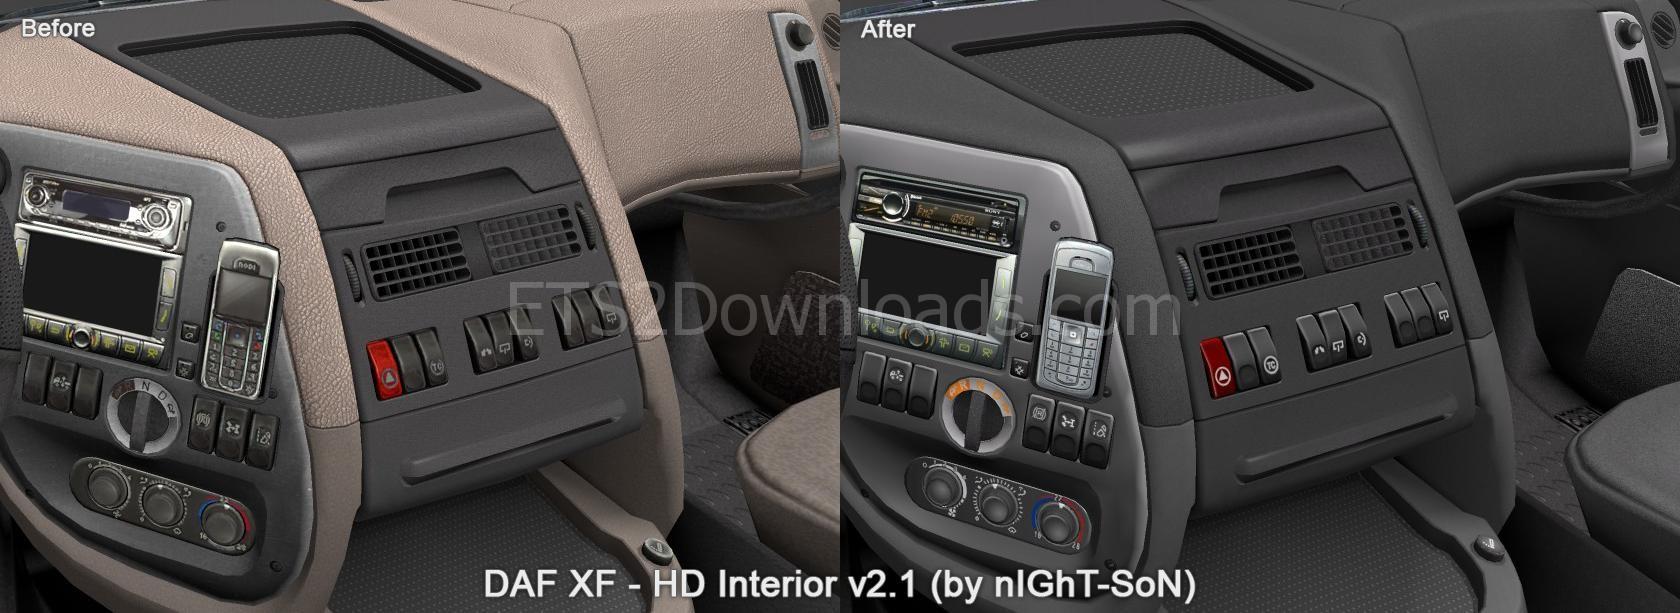 hd-interior-for-daf-xf-v2-1-ets2-2